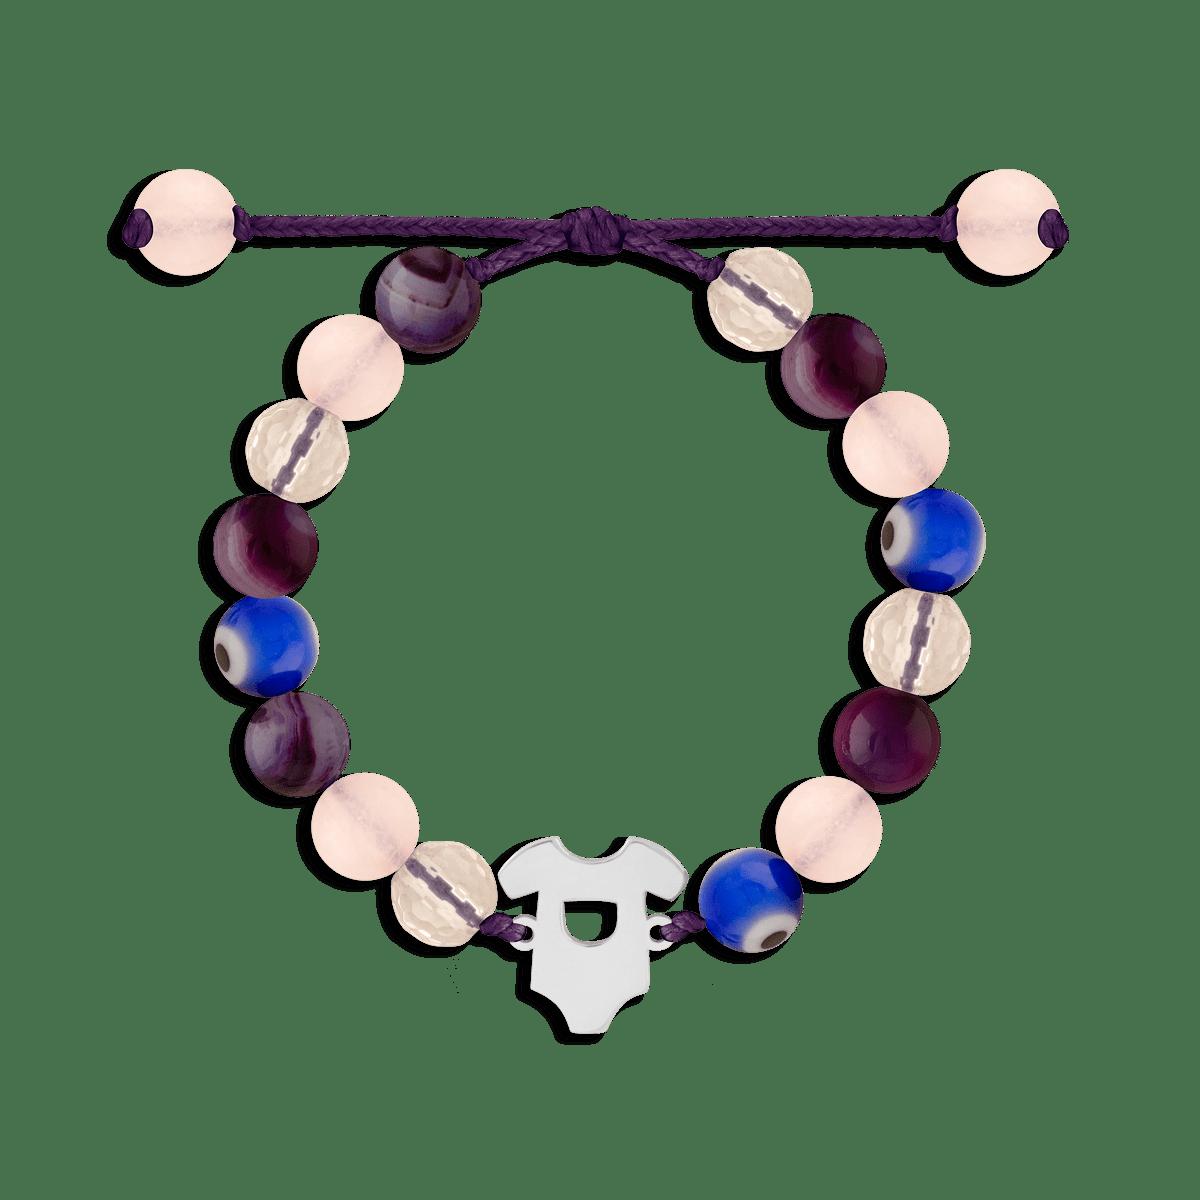 دستبند نقره سنگی لباس کودک